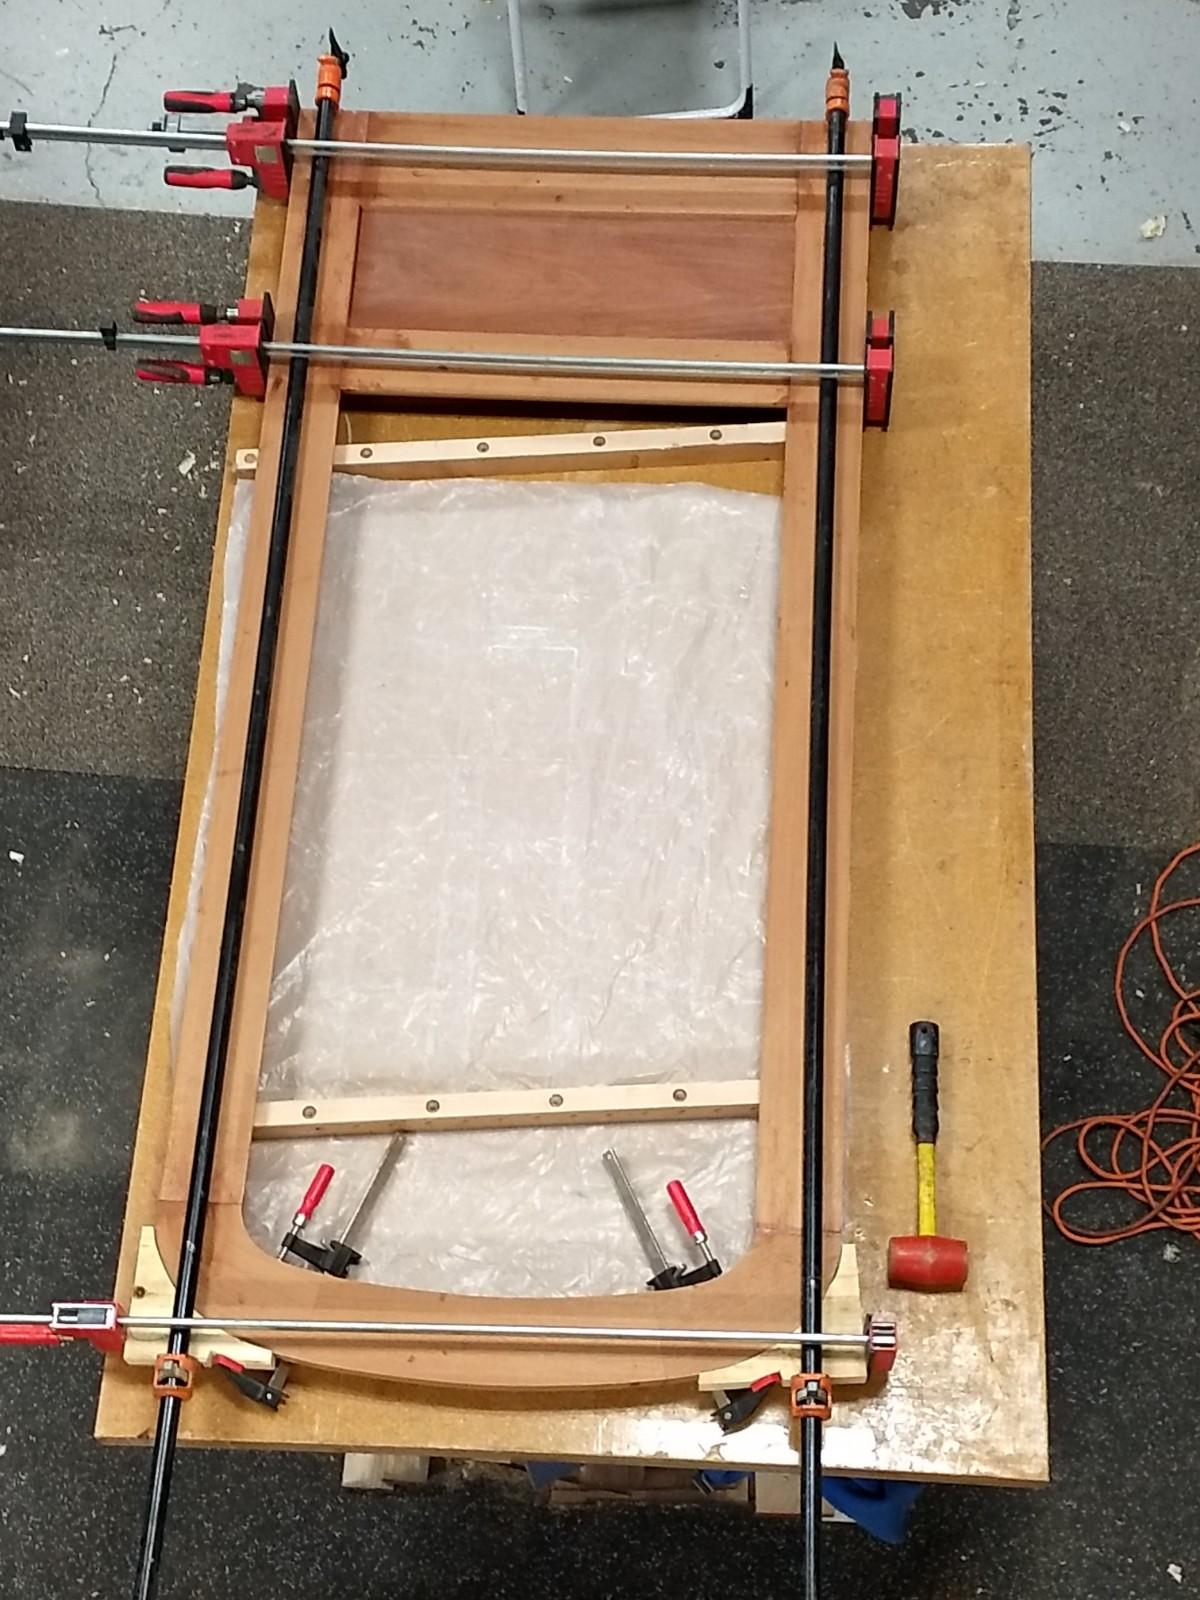 Assembled door in clamps